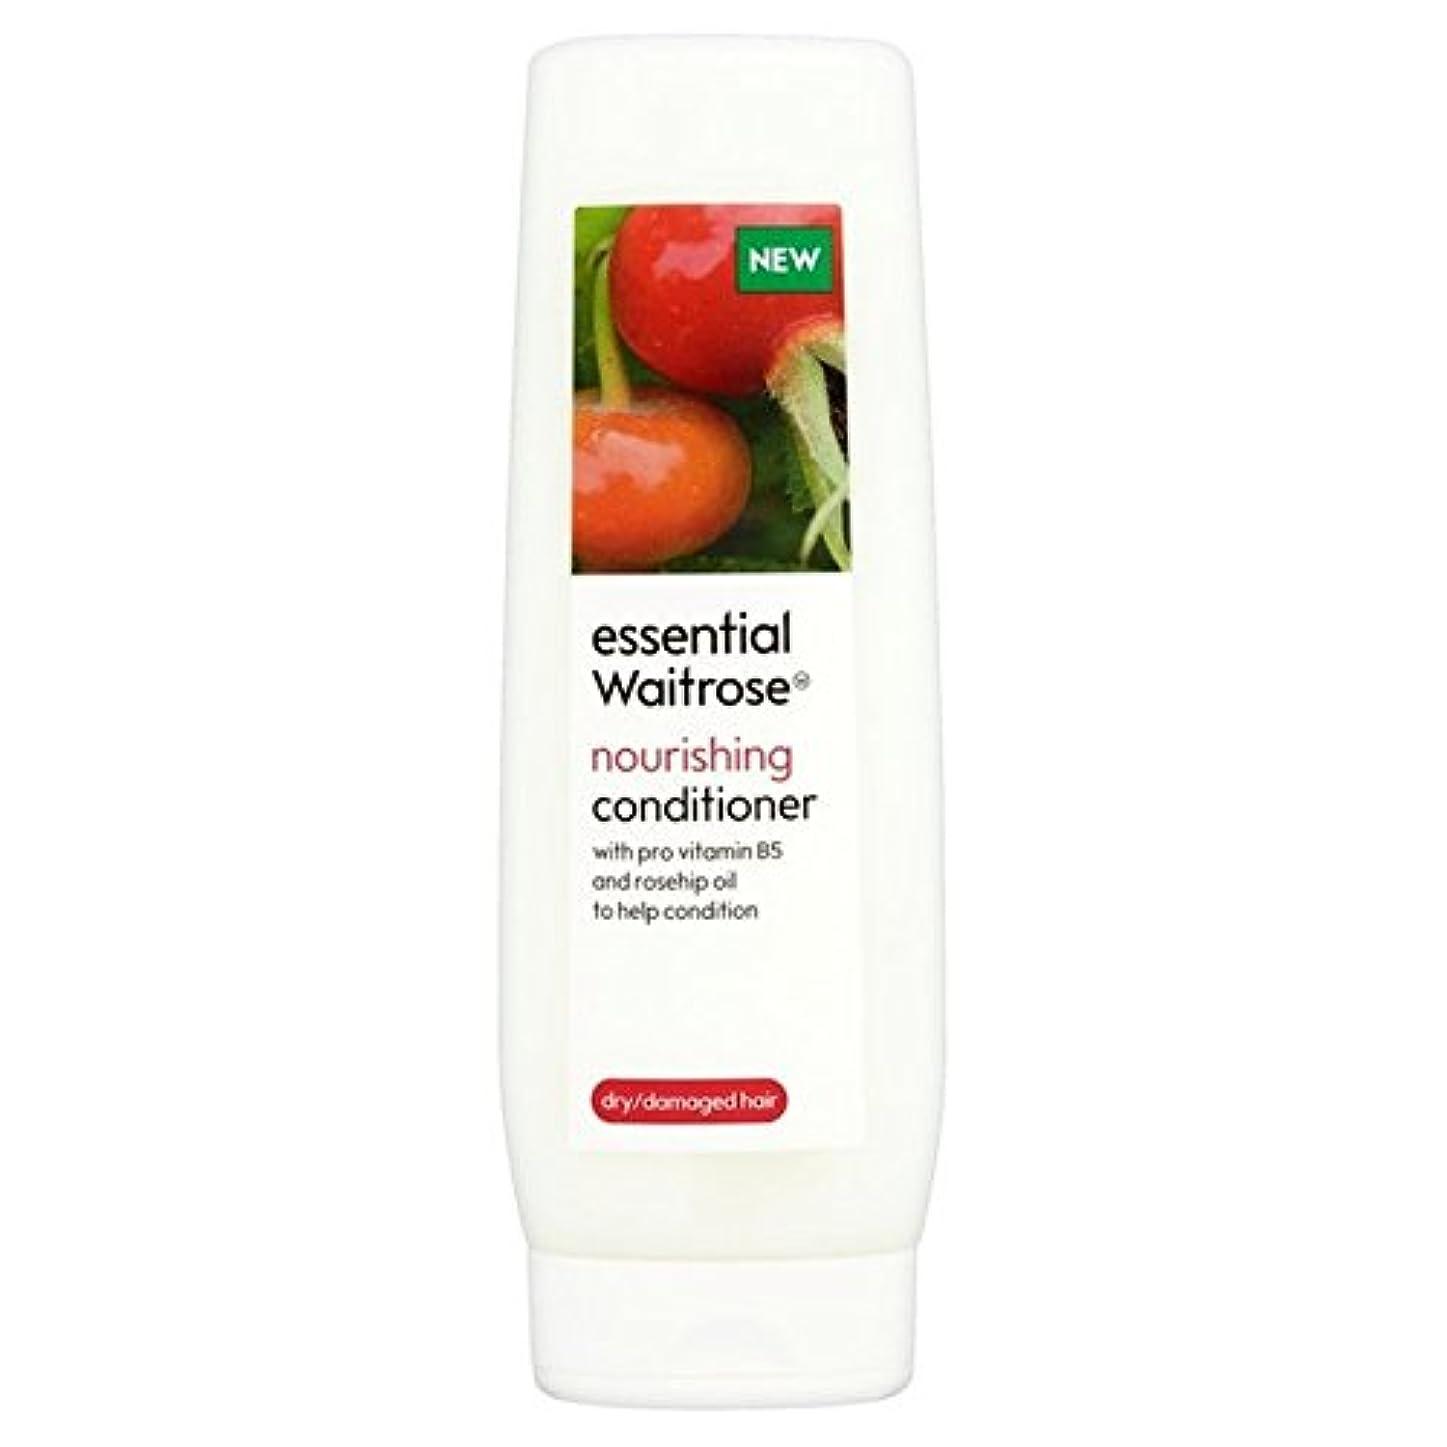 Conditioner for Dry & Damaged Hair essential Waitrose 300ml - ドライ&ダメージヘア不可欠ウェイトローズの300ミリリットルのためのコンディショナー [並行輸入品]